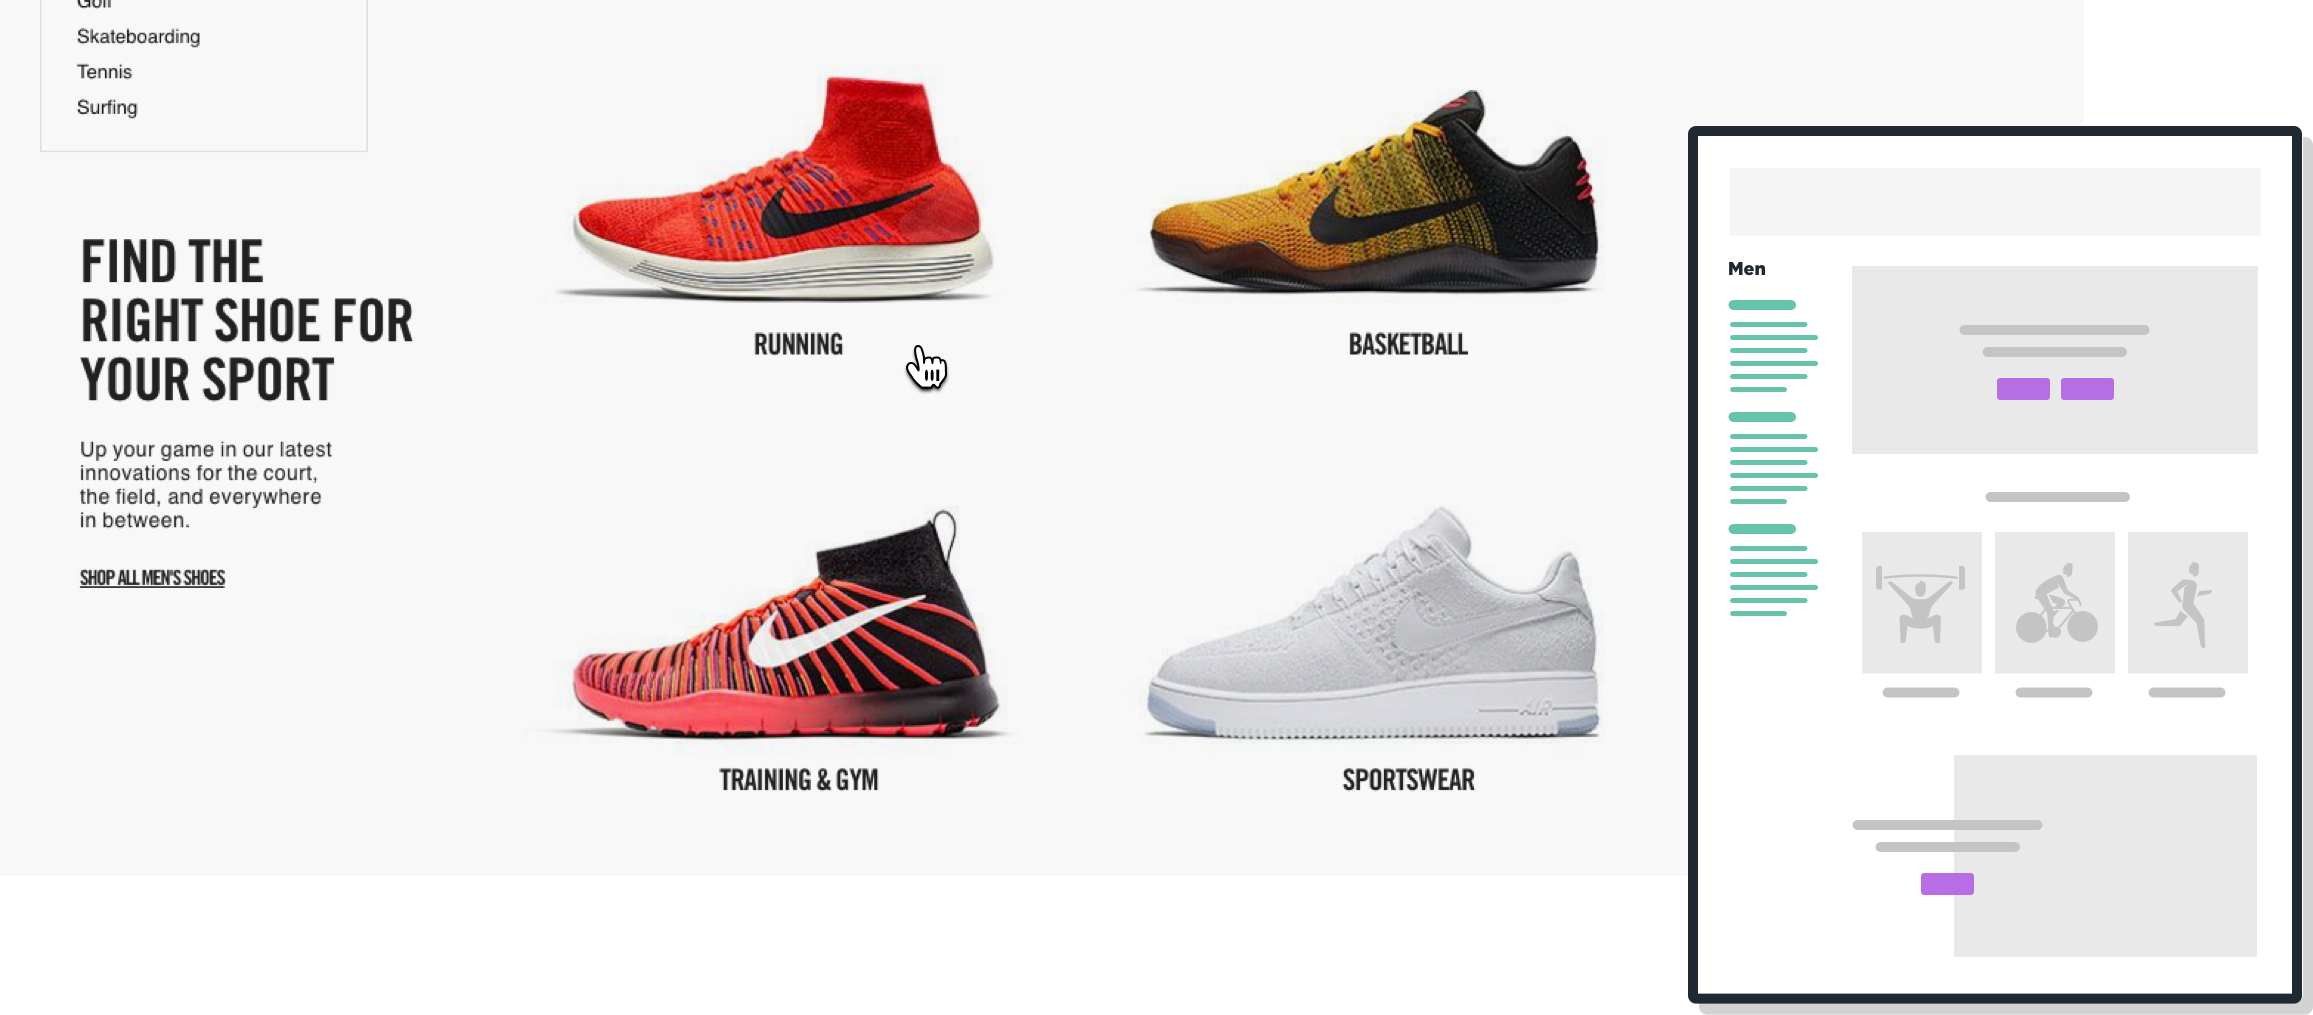 e-Commerce at Nike